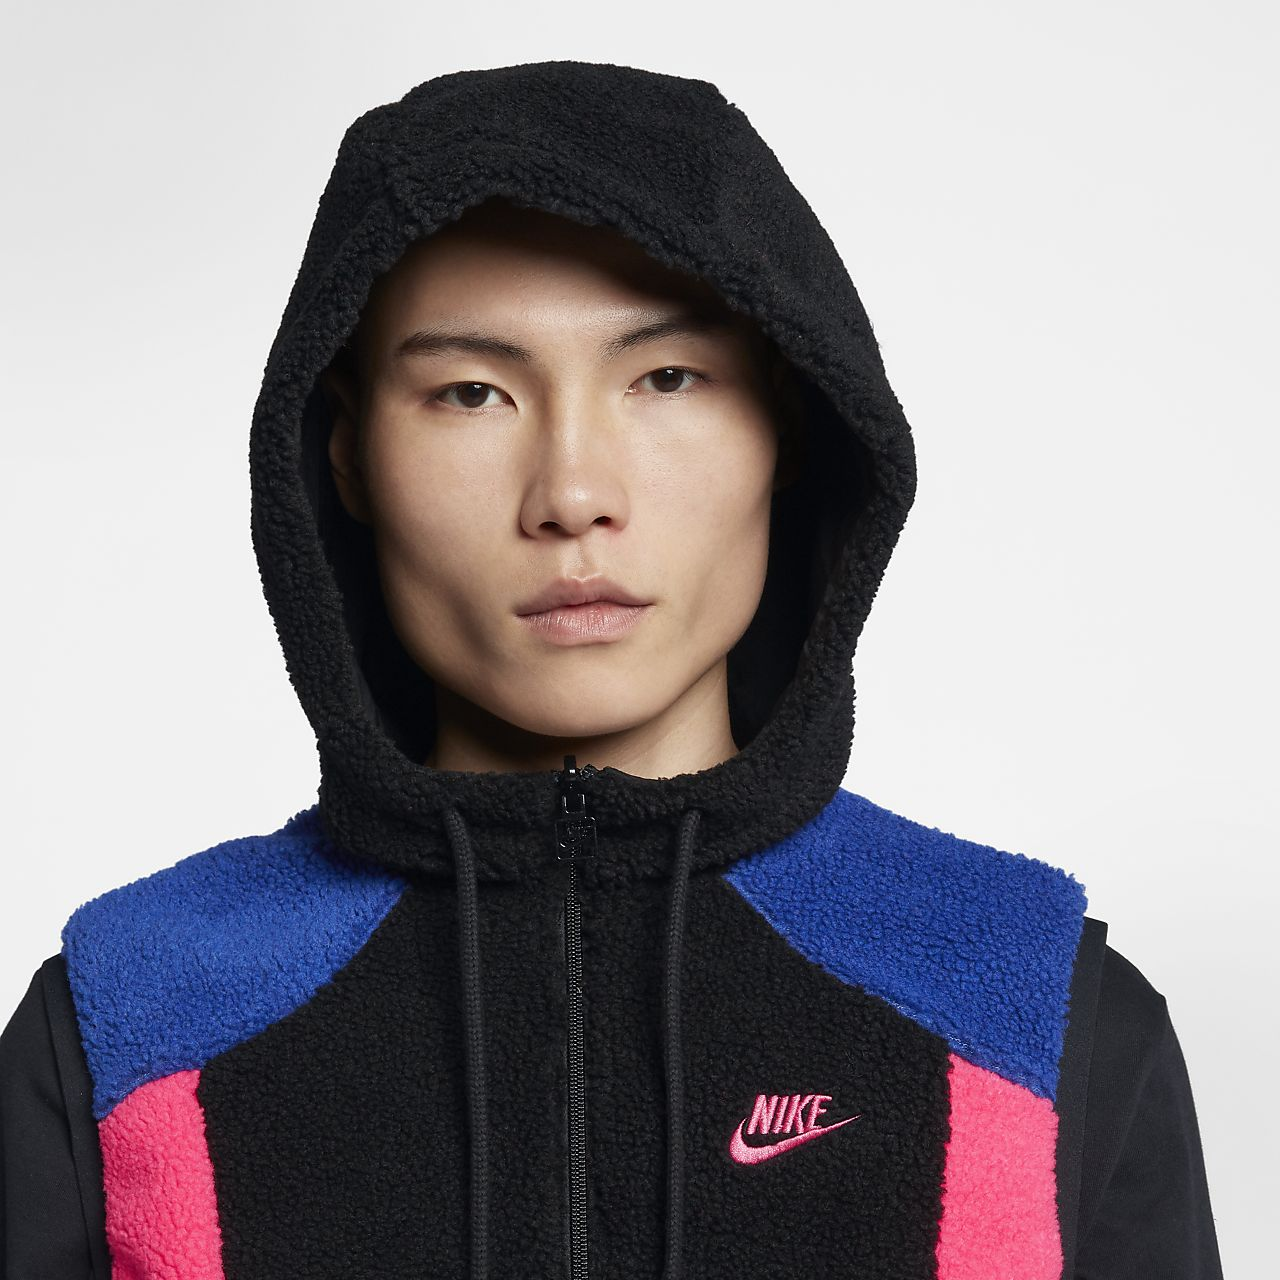 Low Resolution Nike Sportswear Hooded Men's Gilet Nike Sportswear Hooded  Men's Gilet